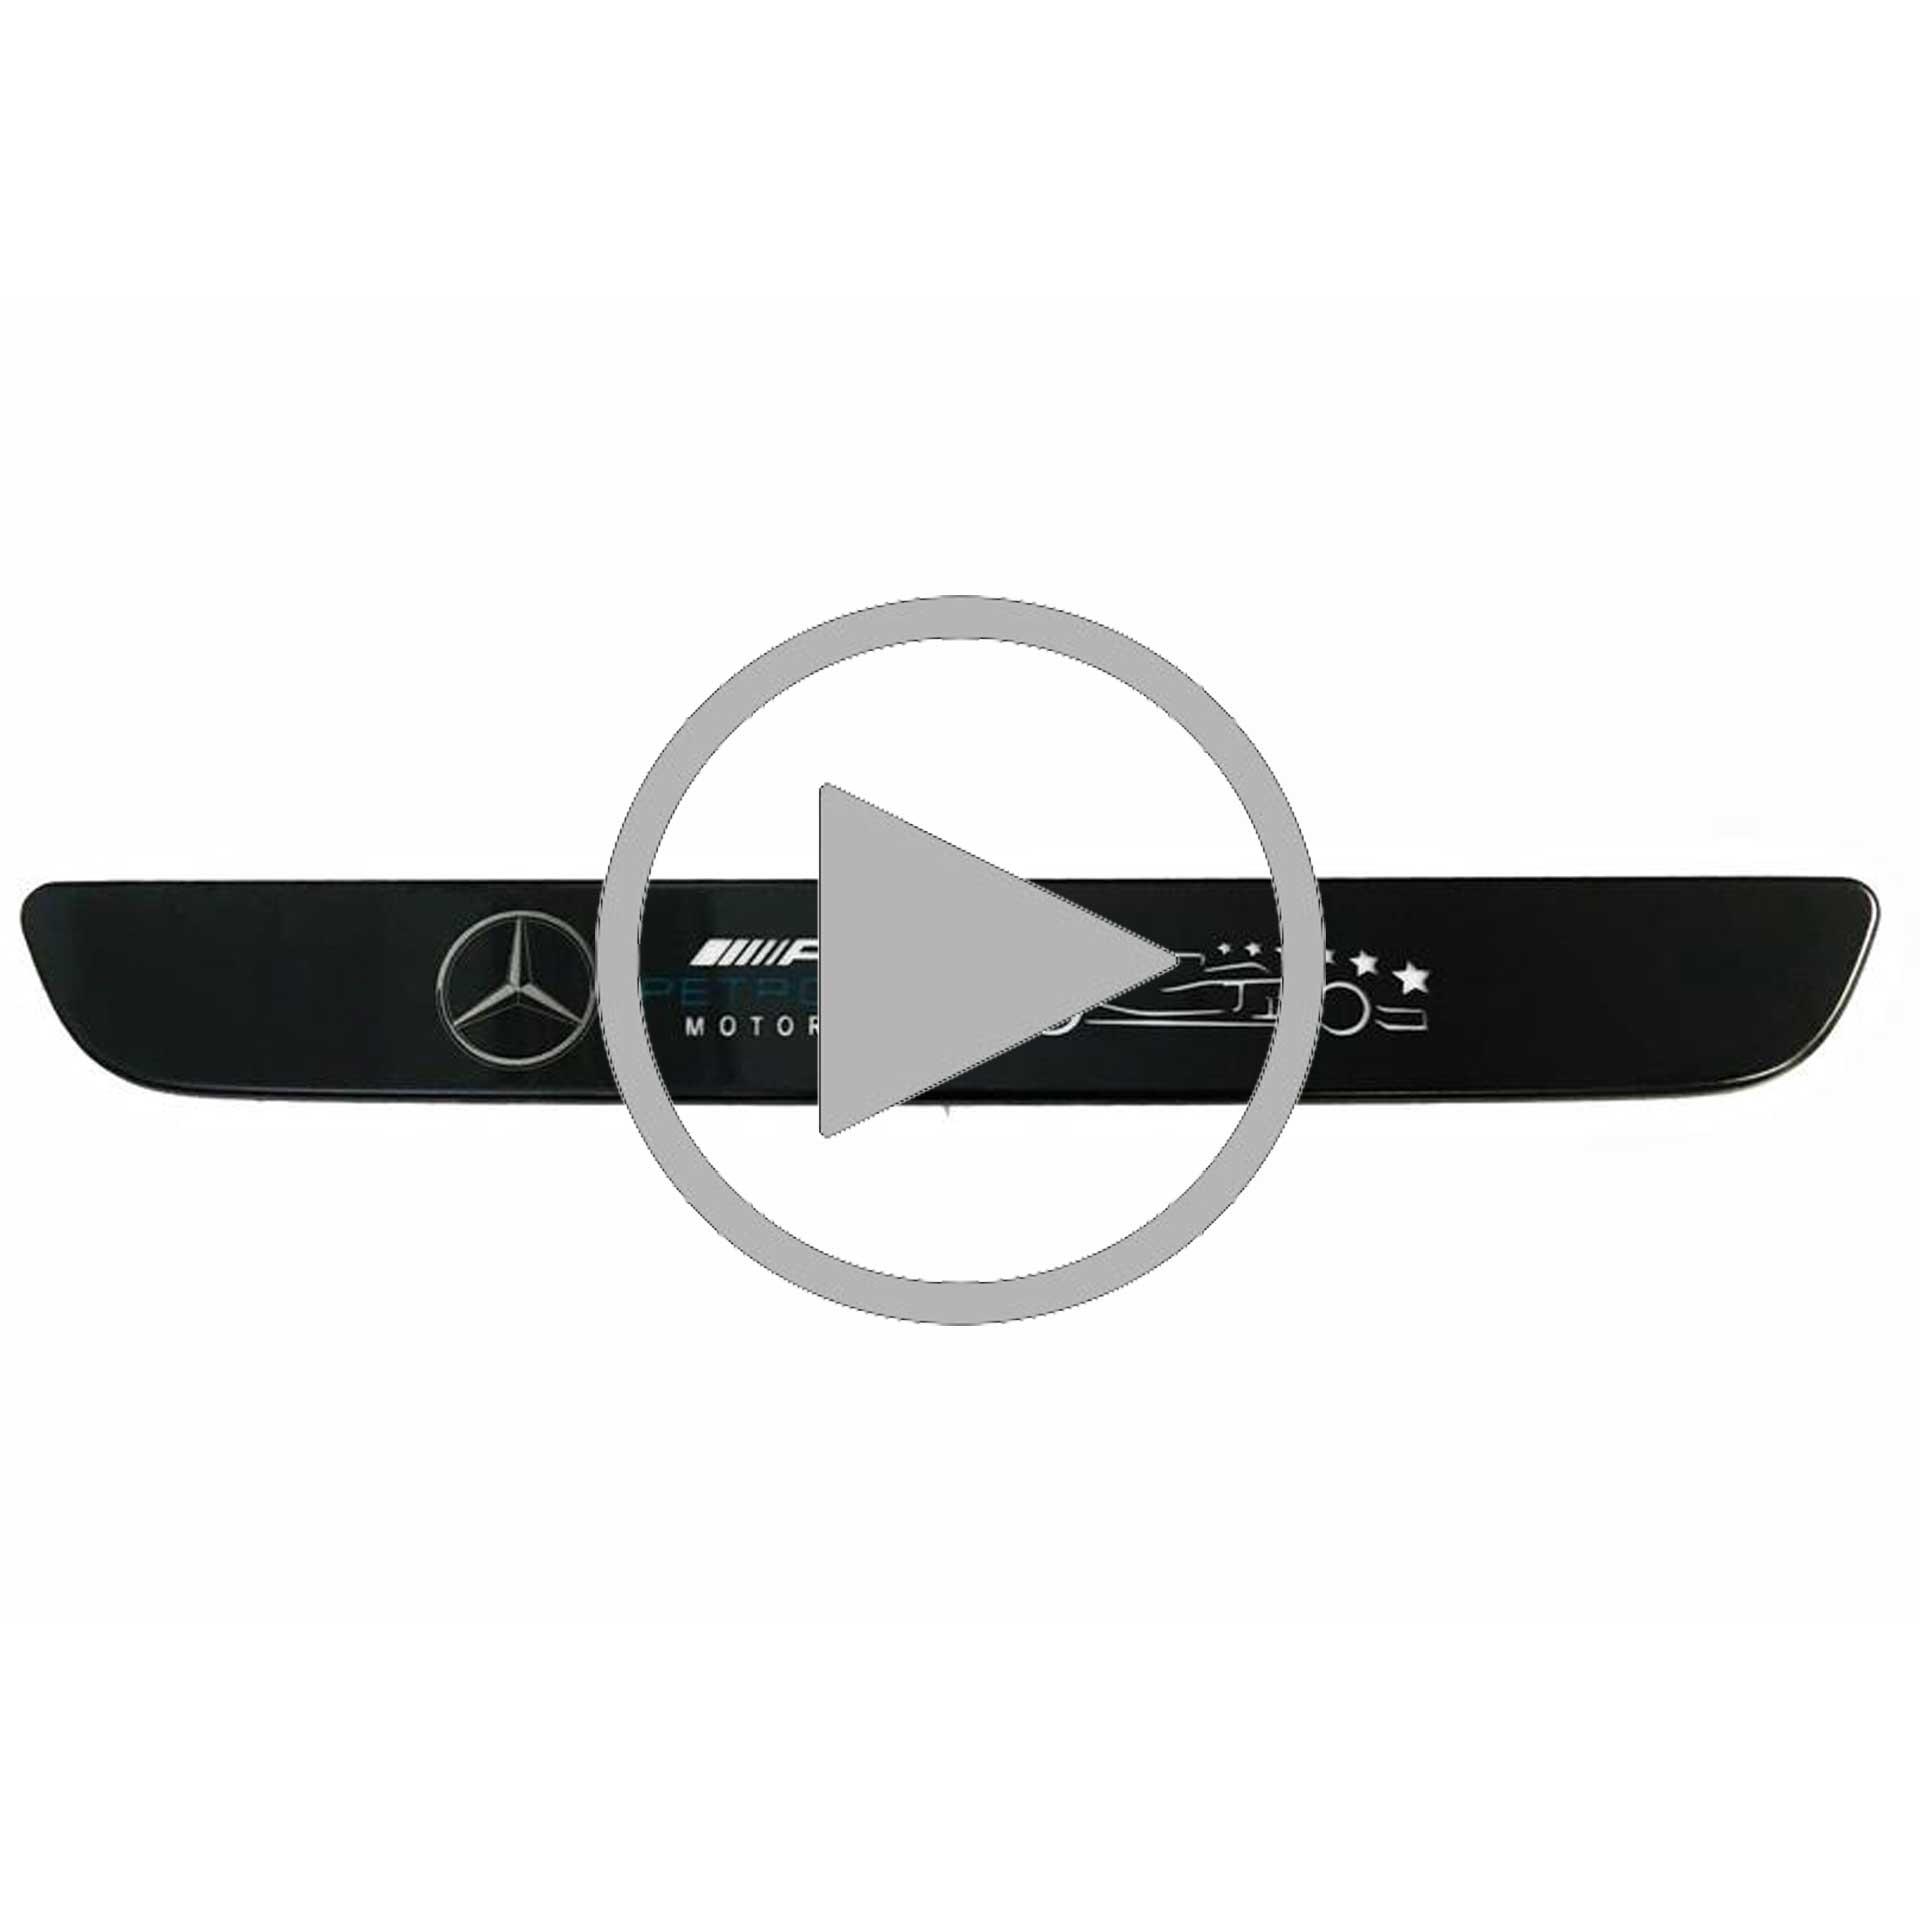 Mercedes-AMG Petronas Wechselcover für Einstiegsleisten beleuchtet vorne einteilig schwarz